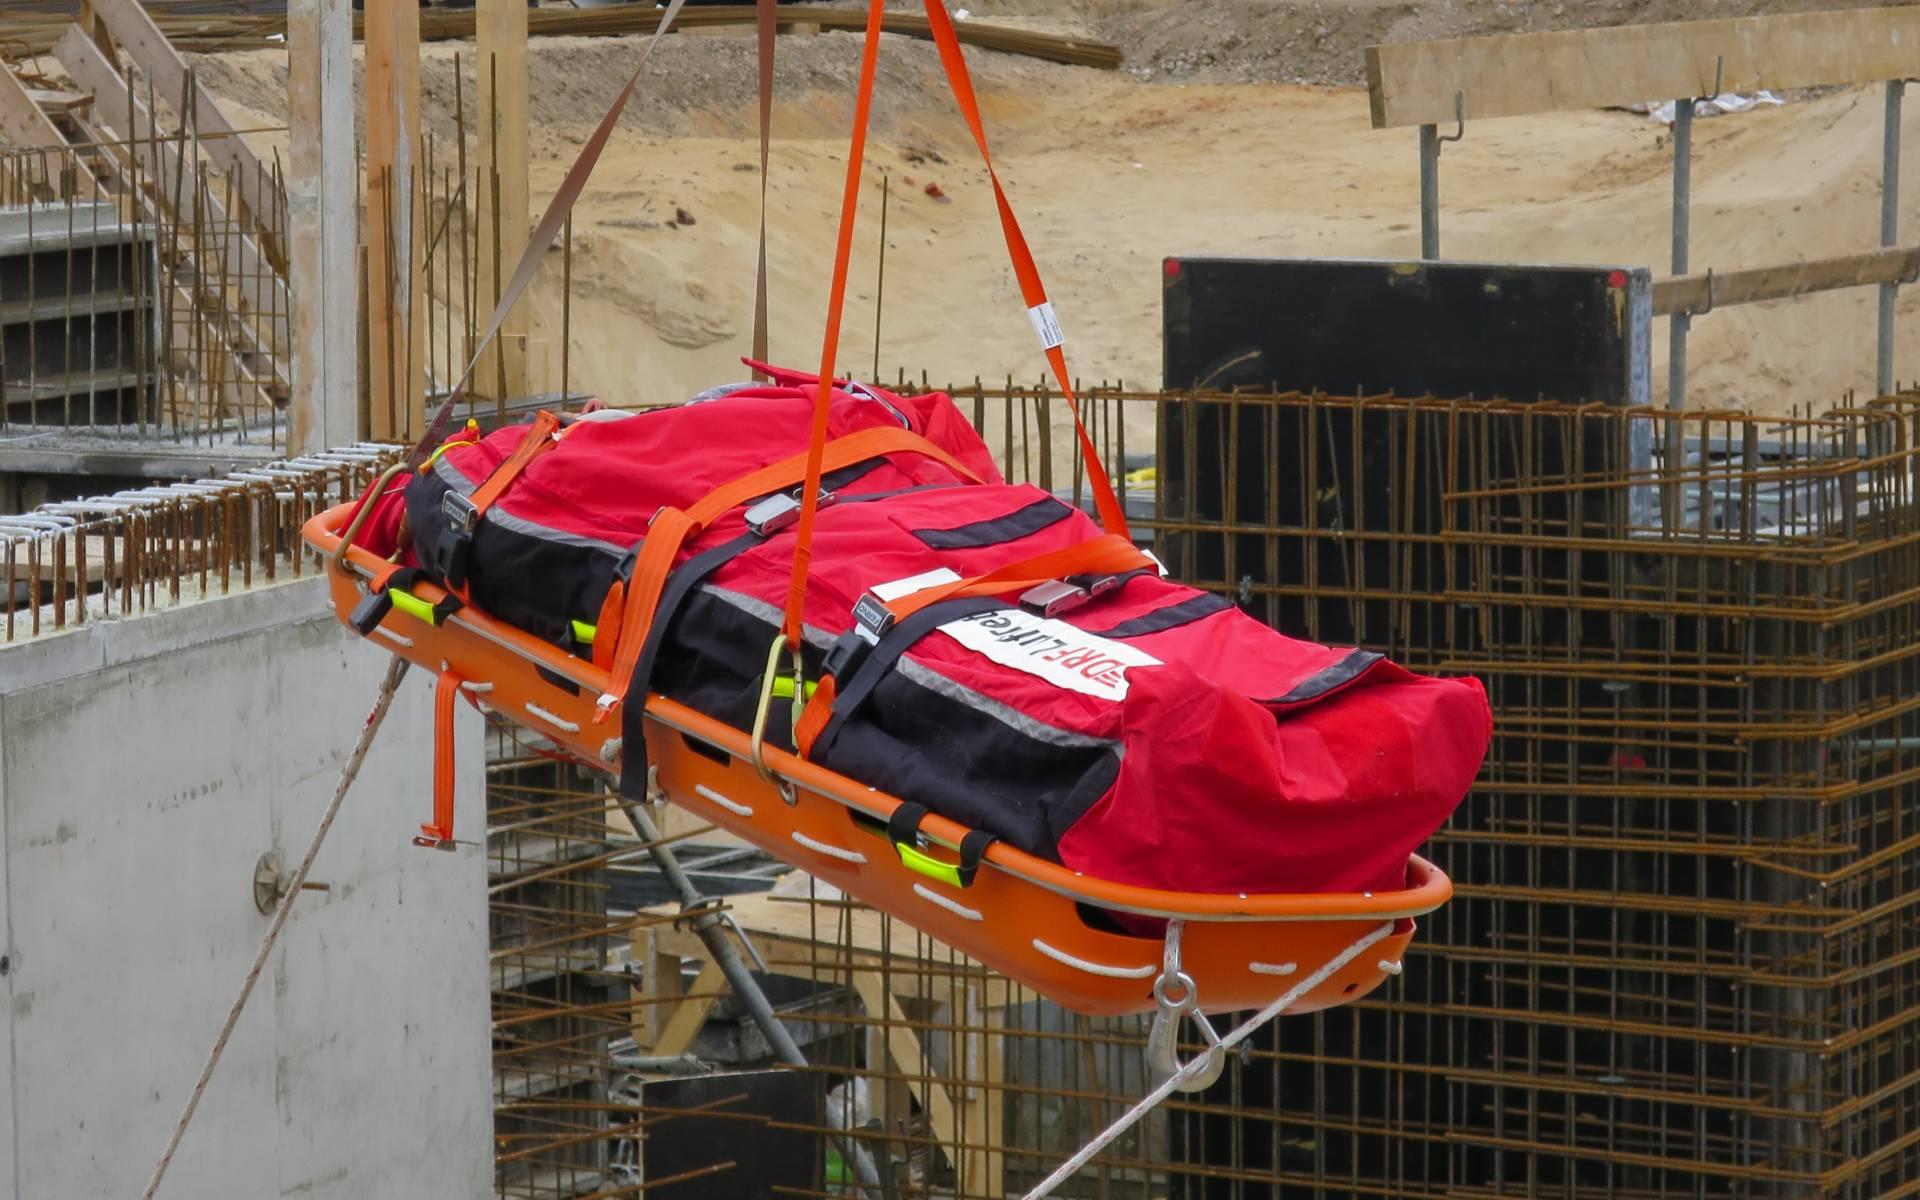 Einsatz für die Besatzung der DRF Luftrettung aus Angermünde nach einem Unfall auf einer Baustelle in Oranienburg.